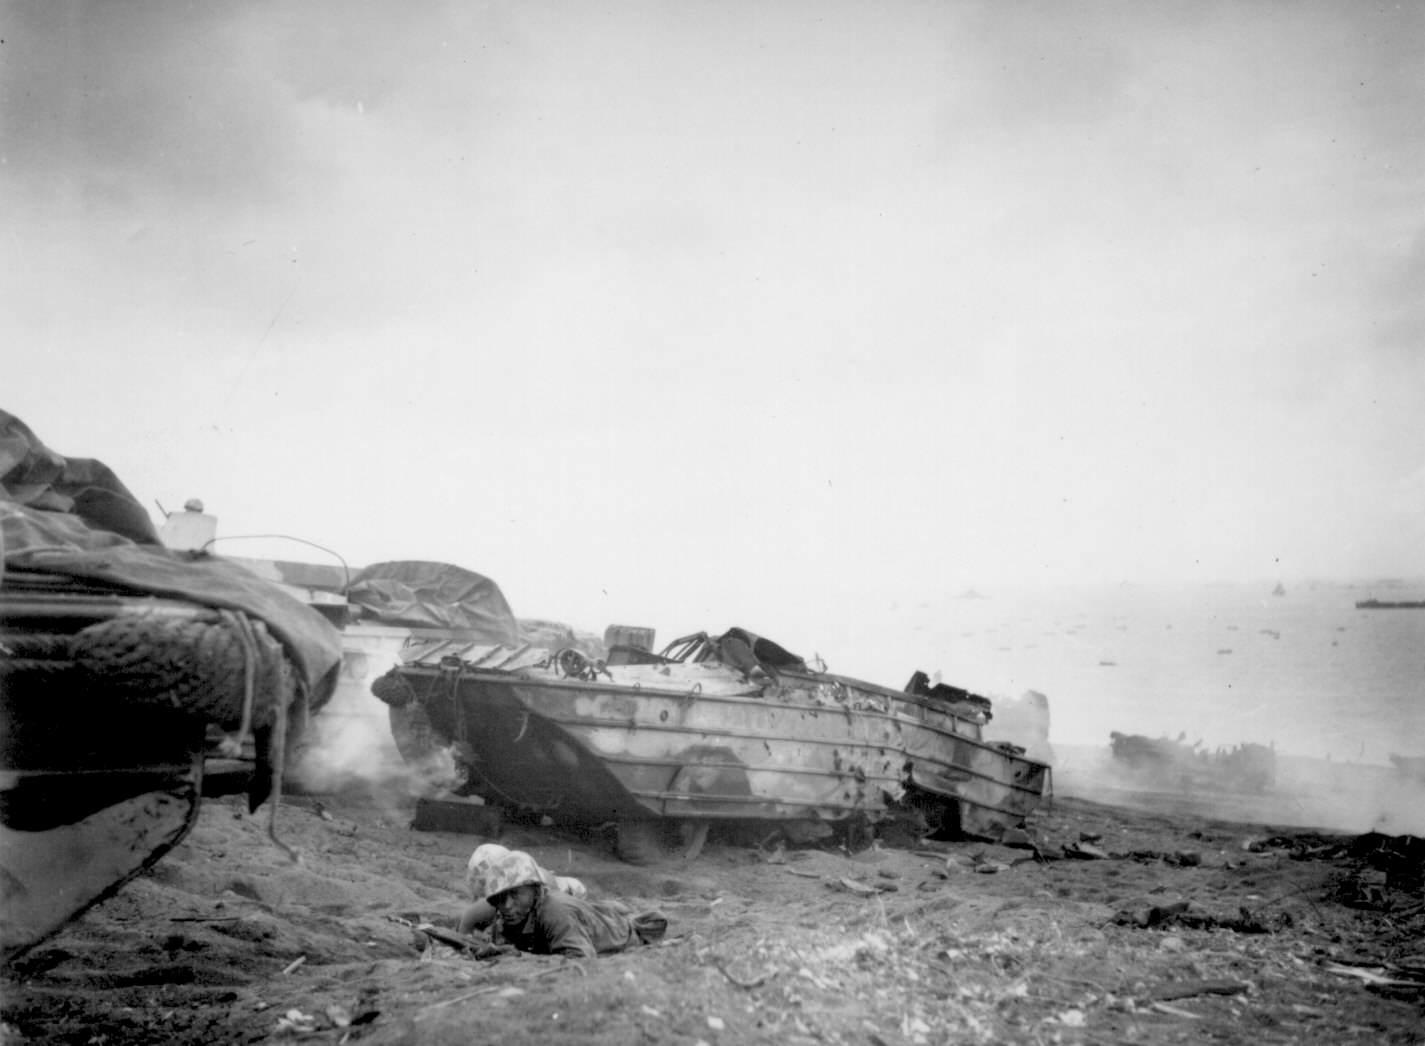 battle iwojima237 - Deux chauffeurs afro-américains de la Marine prennent part à la bataille comme soldats, après que leur DUKW fut touché pendant le débarquement d'Iwo Jima le 19 février 1945